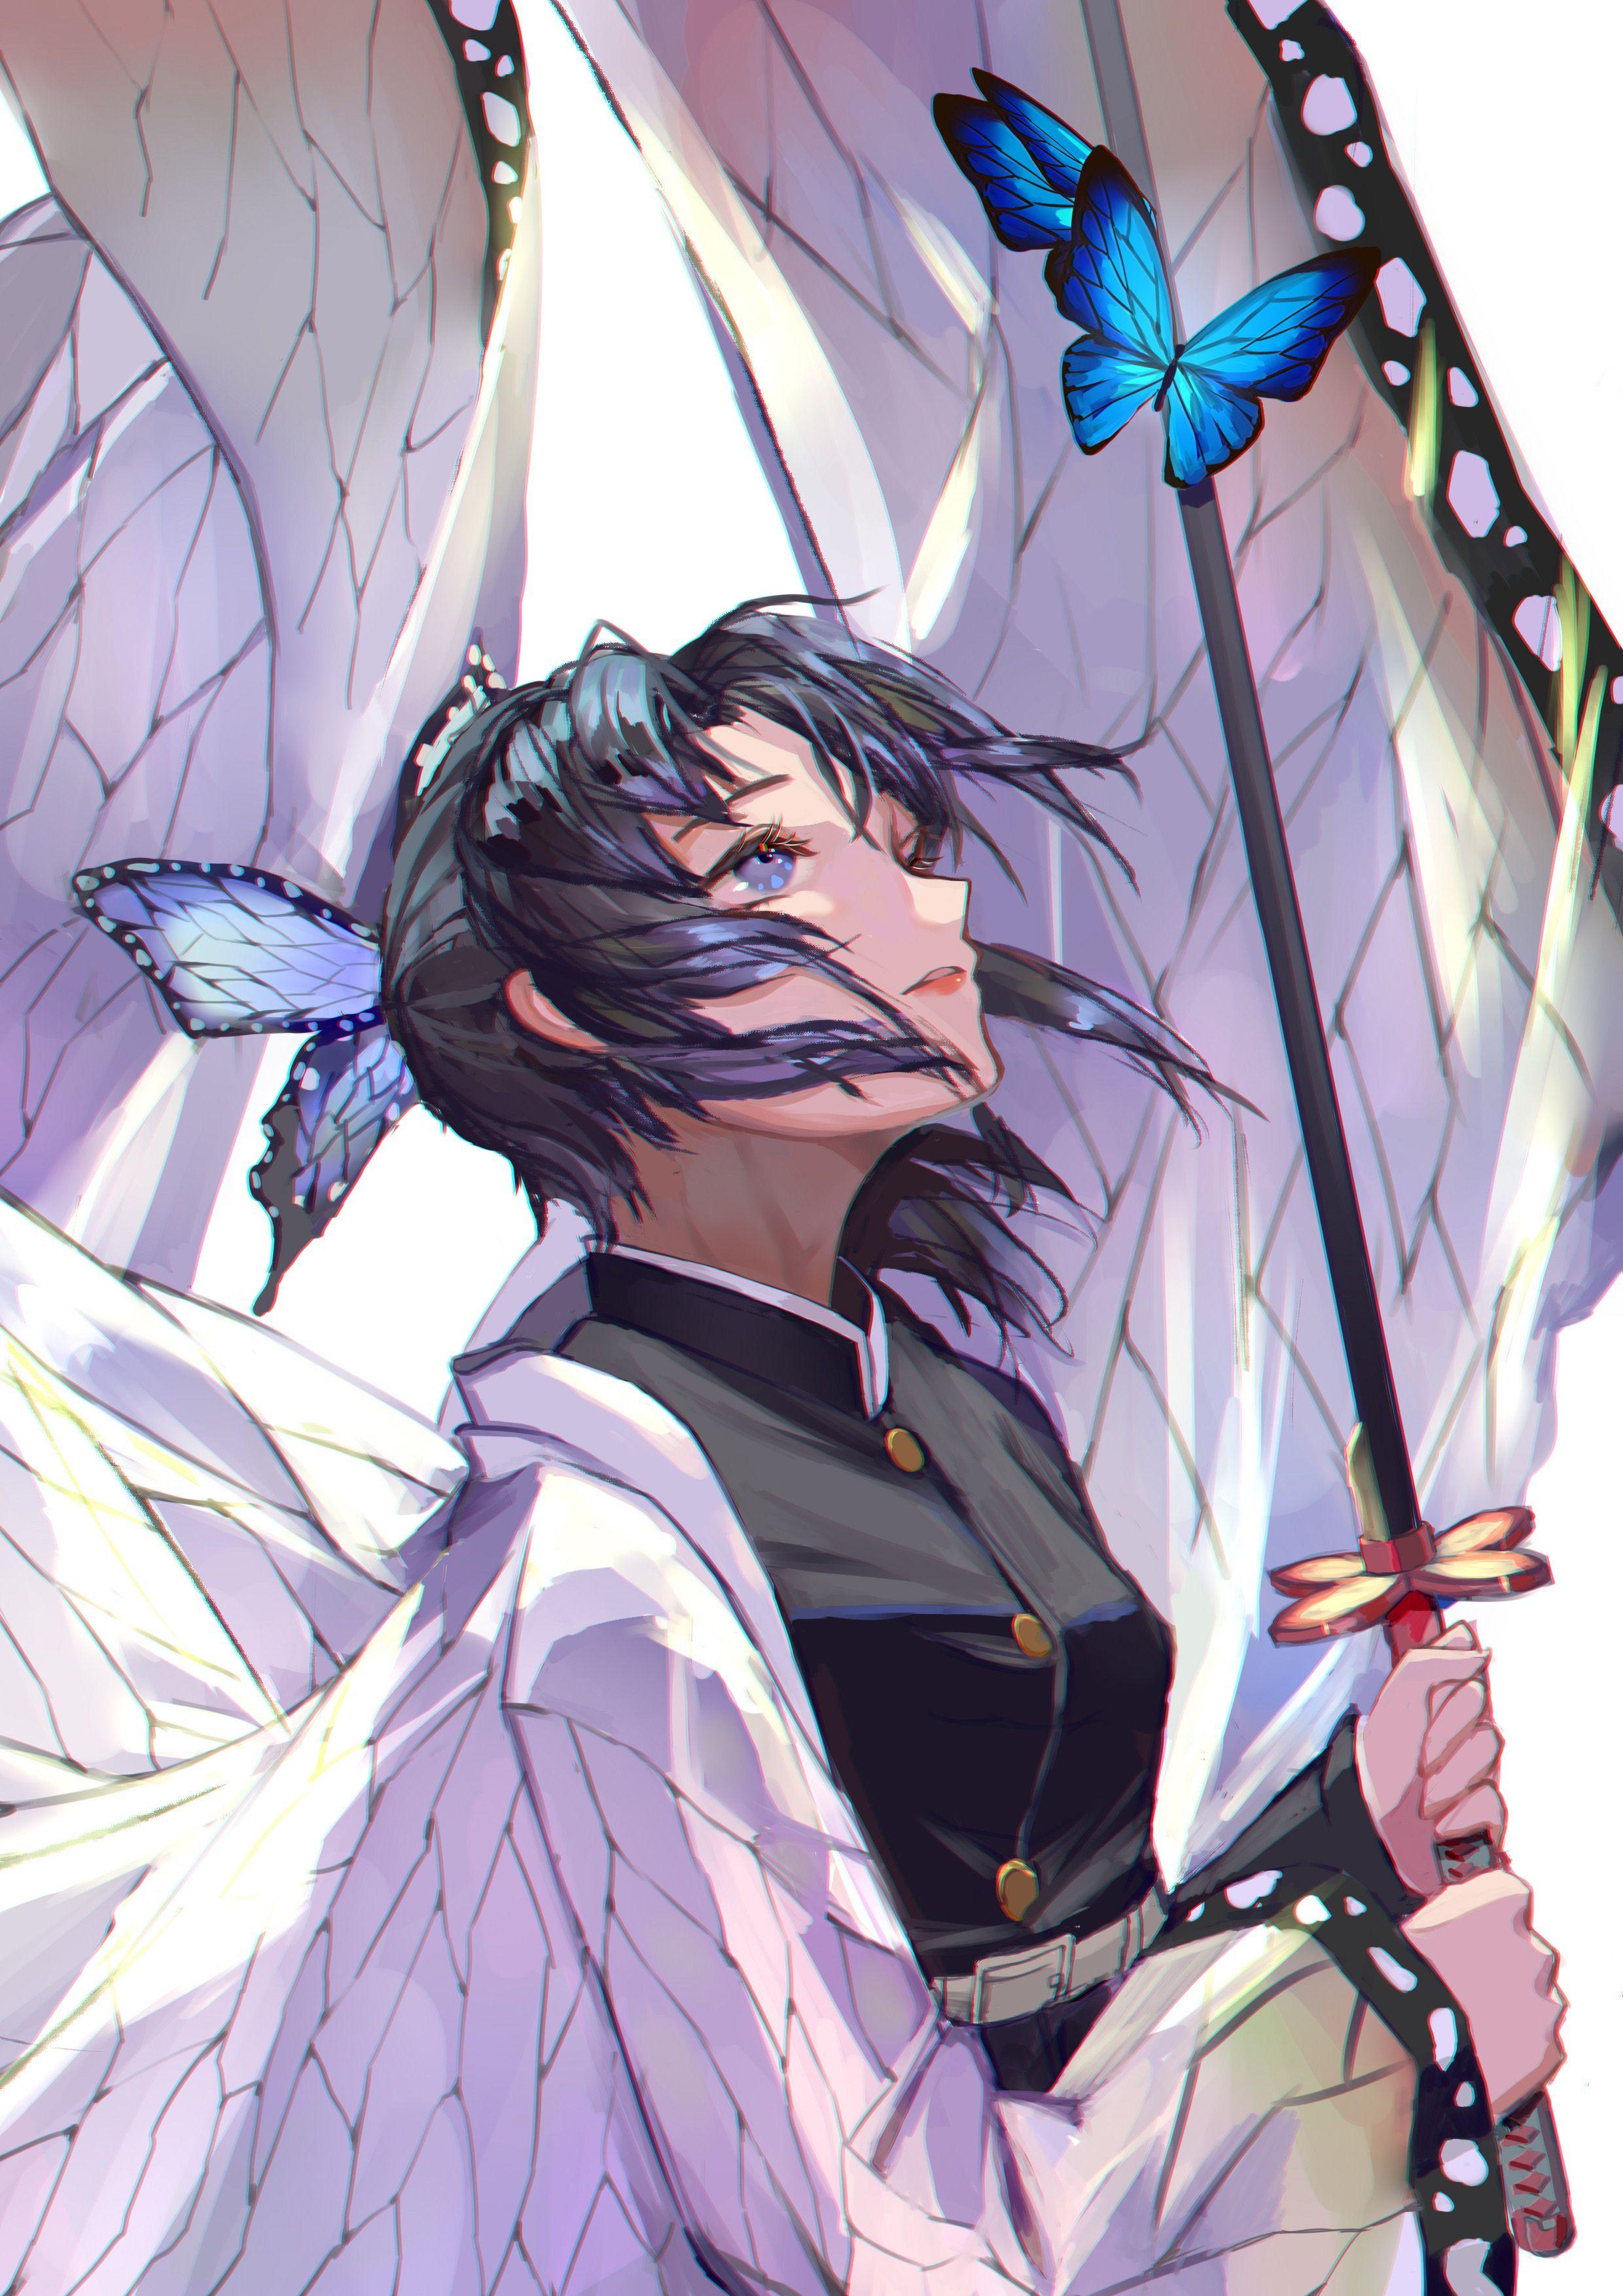 15 胡蝶しのぶ Anime demon, Slayer anime, Anime art